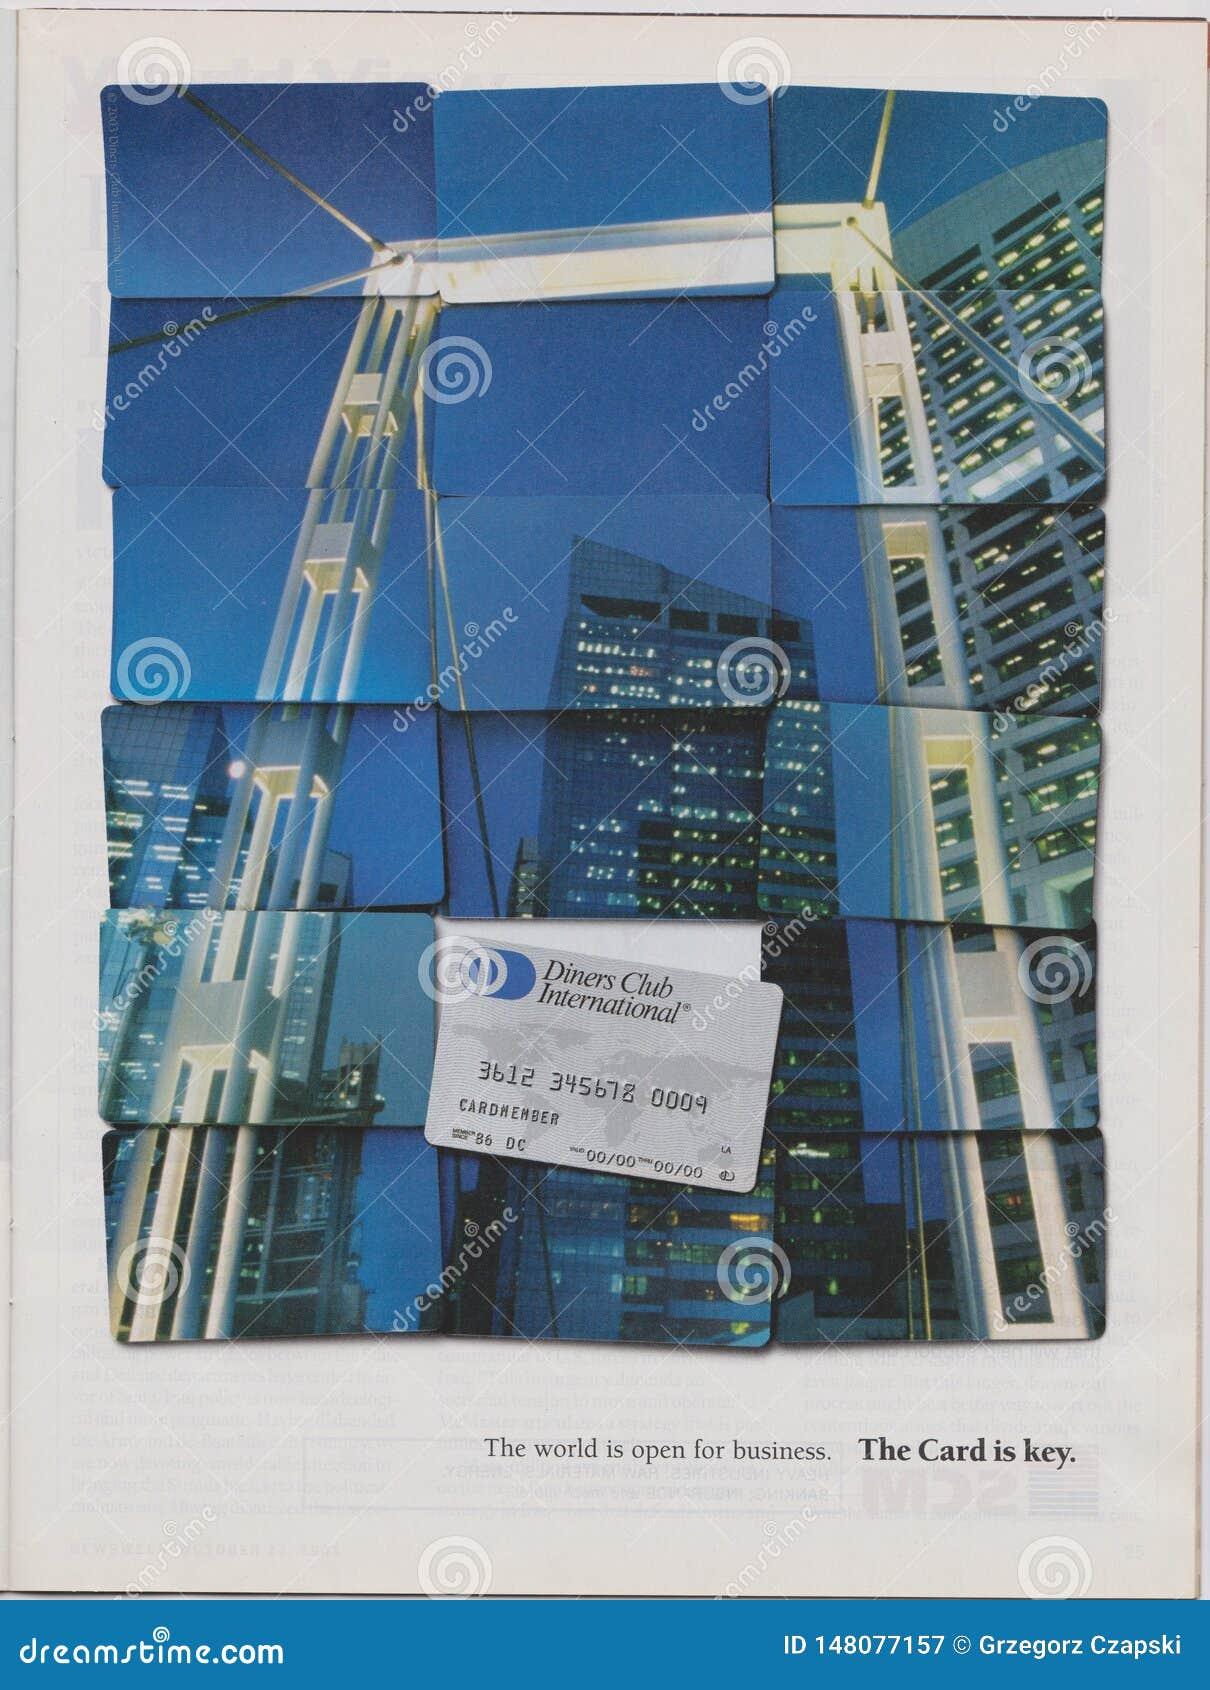 Plakatwerbung Tischgäste schlagen internationales in der Zeitschrift ab Oktober 2005 mit einer Keule, Welt ist offen für Geschäft